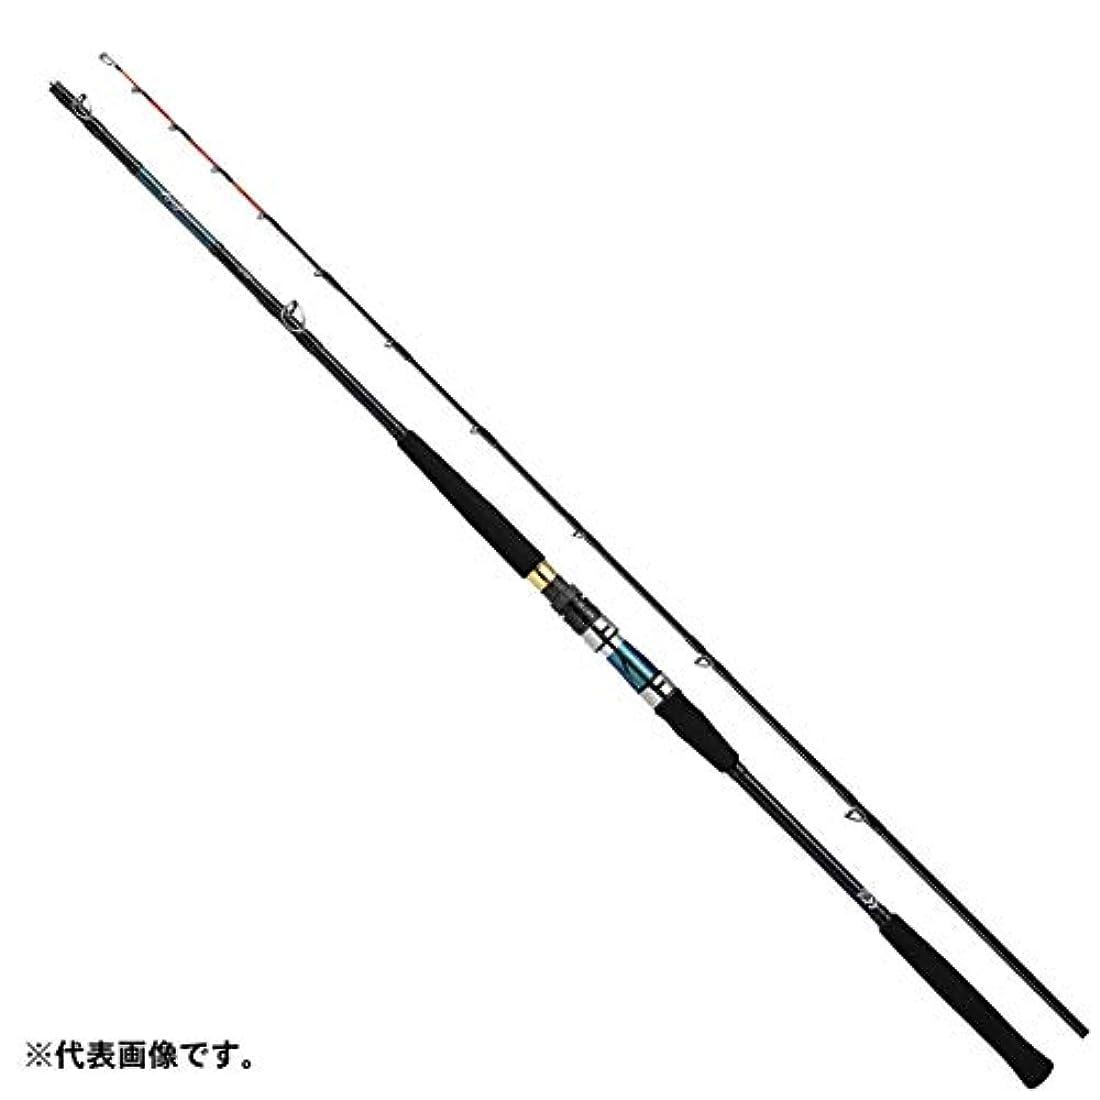 ラフむしゃむしゃヘッドレスダイワ(DAIWA) 18 剣崎 MT 120-200MT